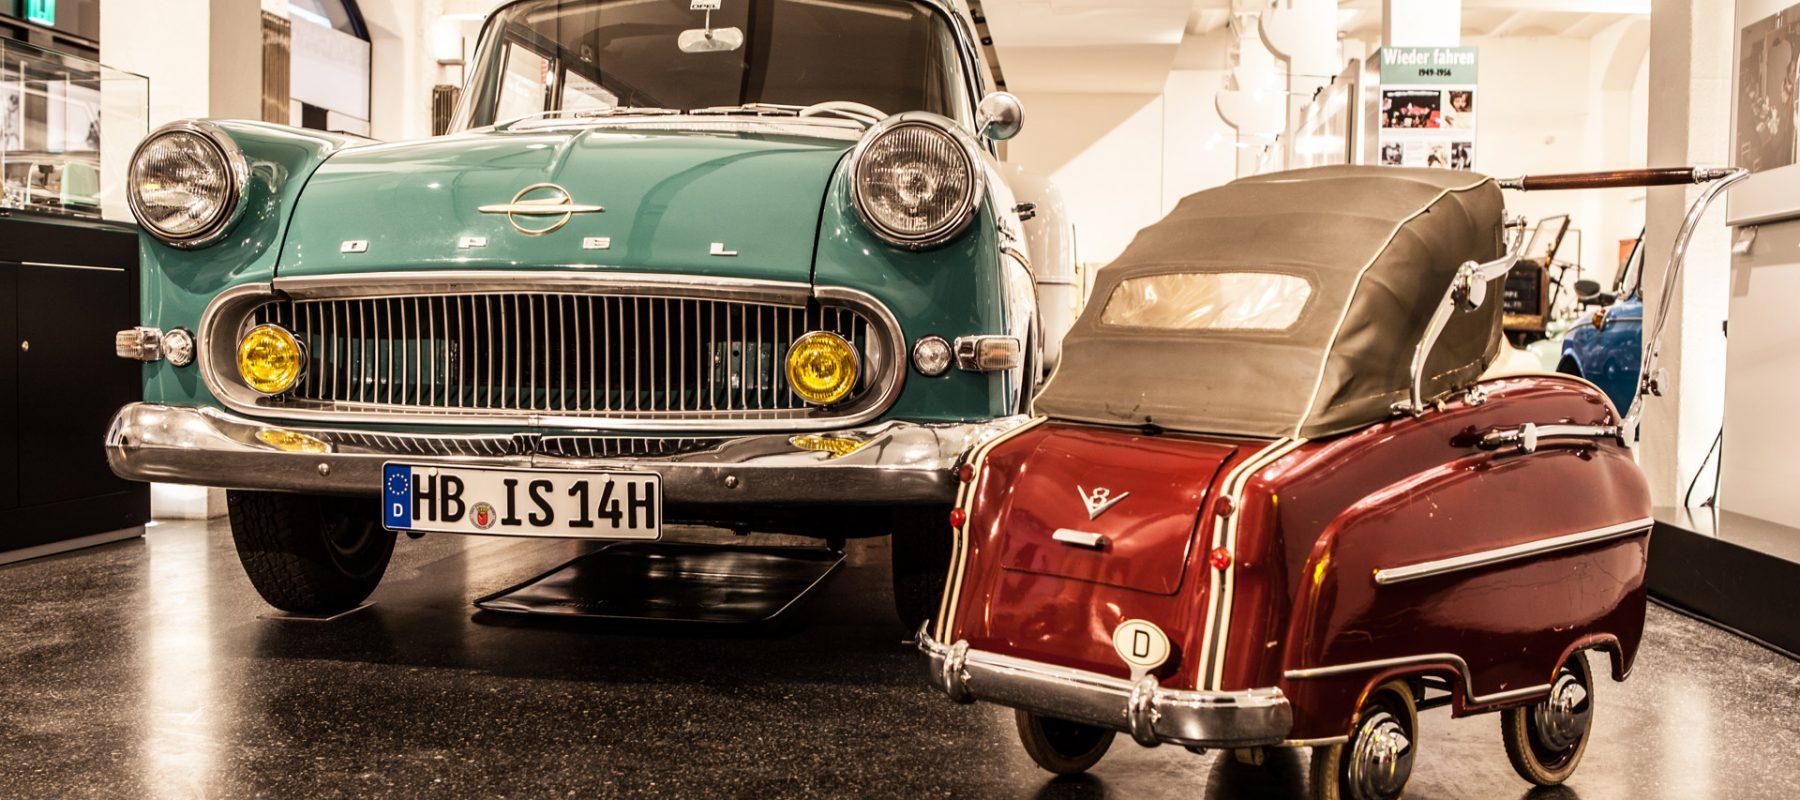 In der Sonderausstellung WirtschaftsWunderWagen zeigte das Hamburger Automuseum Prototyp 2012/2013 einen 1960er Opel Olympia Rekord P1 Caravan. Auf dem Bild steht neben dem Opel ein Kinderwagen der Wirtschaftswunderzeit, der wie ein Auto designt ist: mit verchromten Stoßfängern und Zierleisten, angedeuteten Kotflügeln, Rückleuchten, Verdeck sowie einem Länderkennzeichen und einem V8-Emblem.